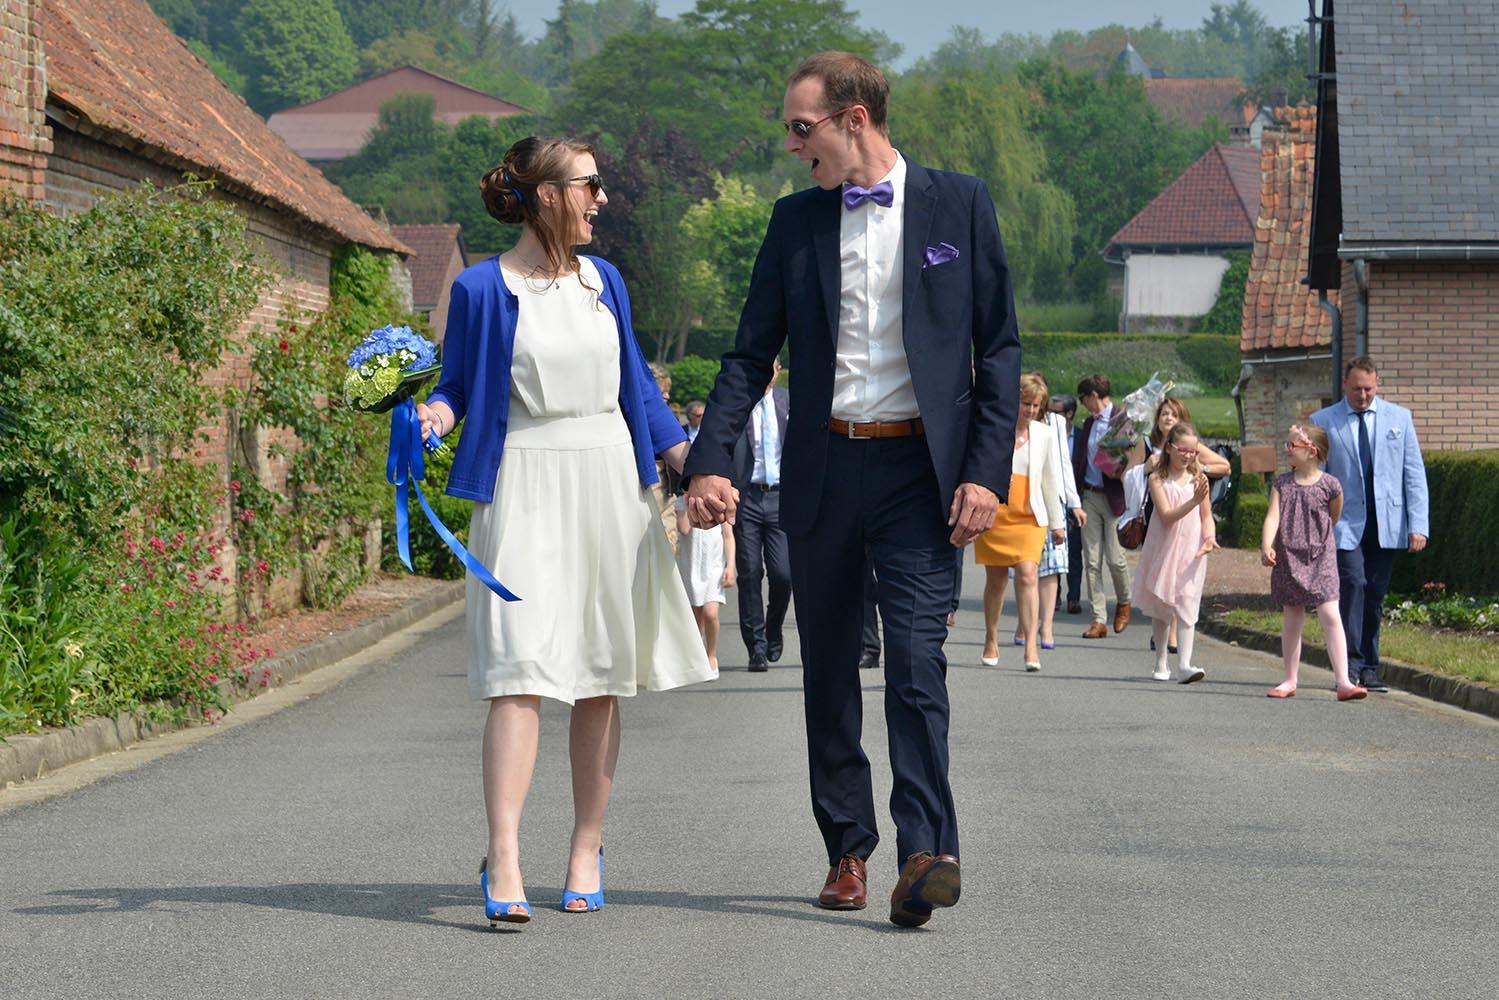 Joyeux couple de maries marchant en banlieue Parisienne